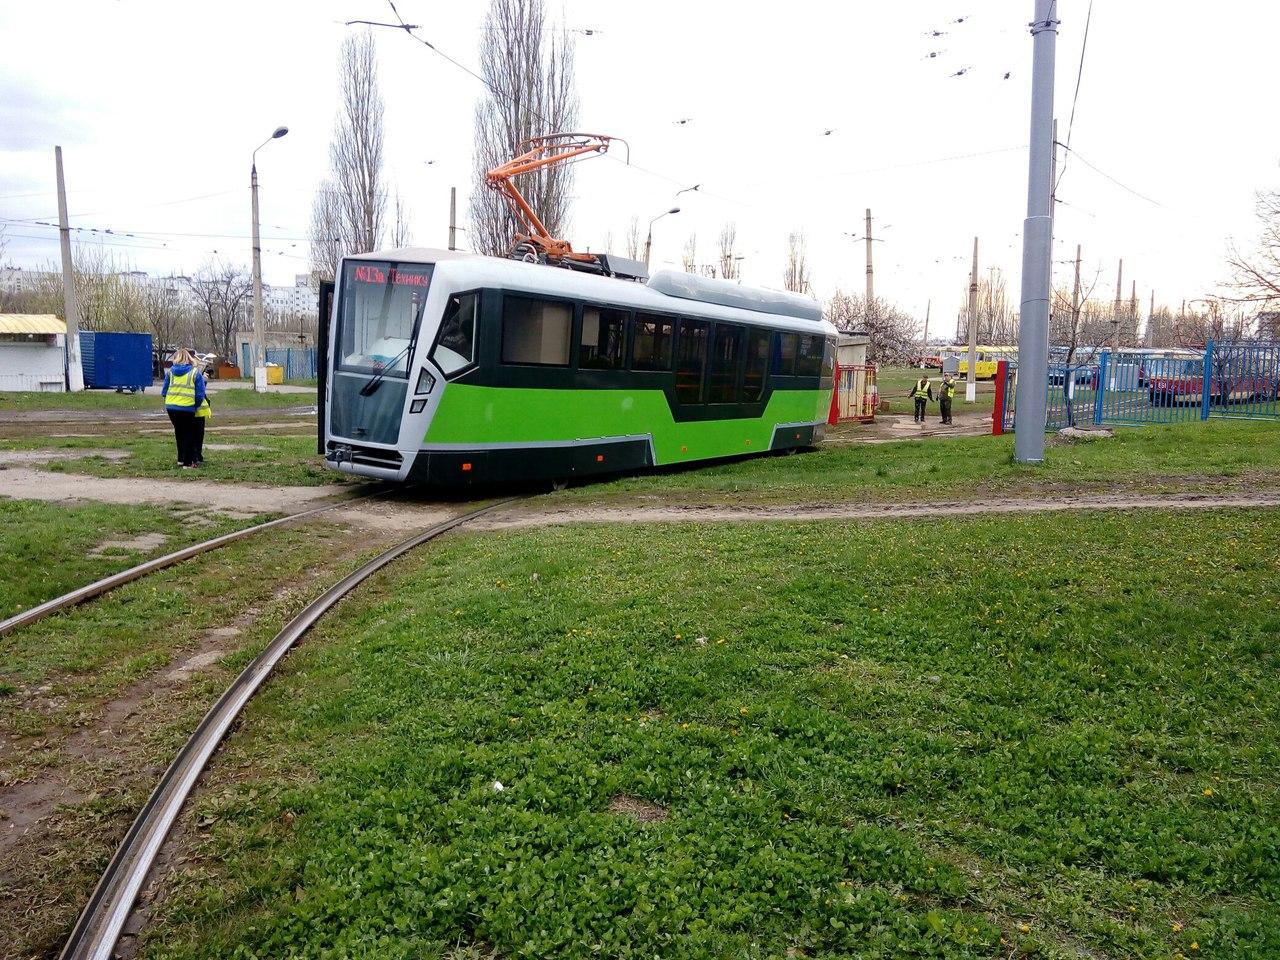 Навороченный трамвай выйдет на маршрут в Харькове через месяц